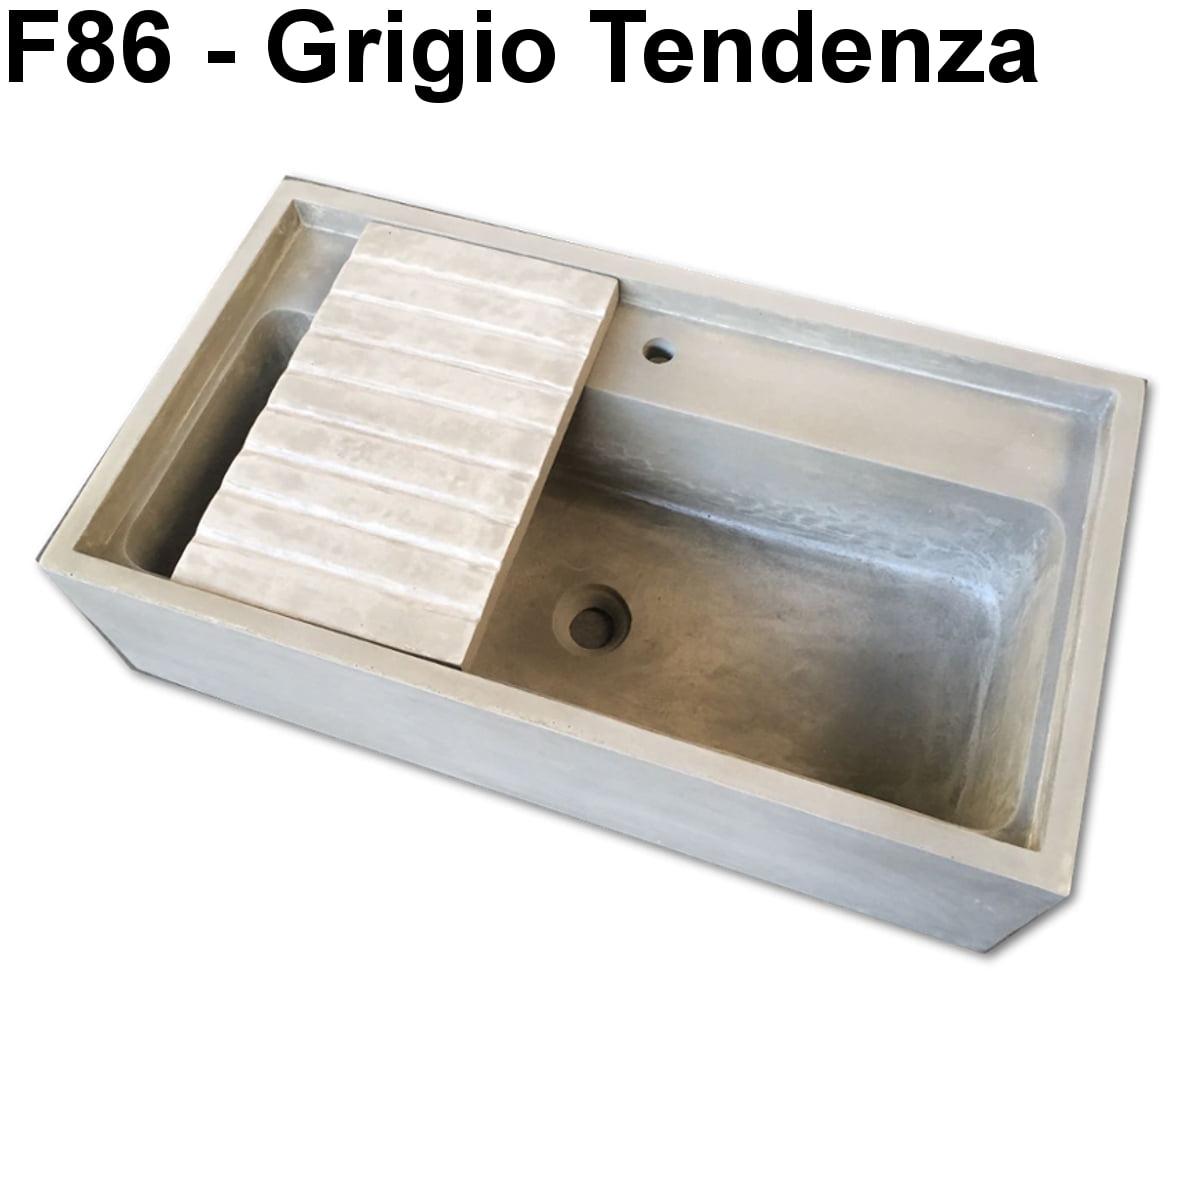 Lavello da giardino pl302 lavandini da esterno lavelli - Lavelli da esterno in resina ...